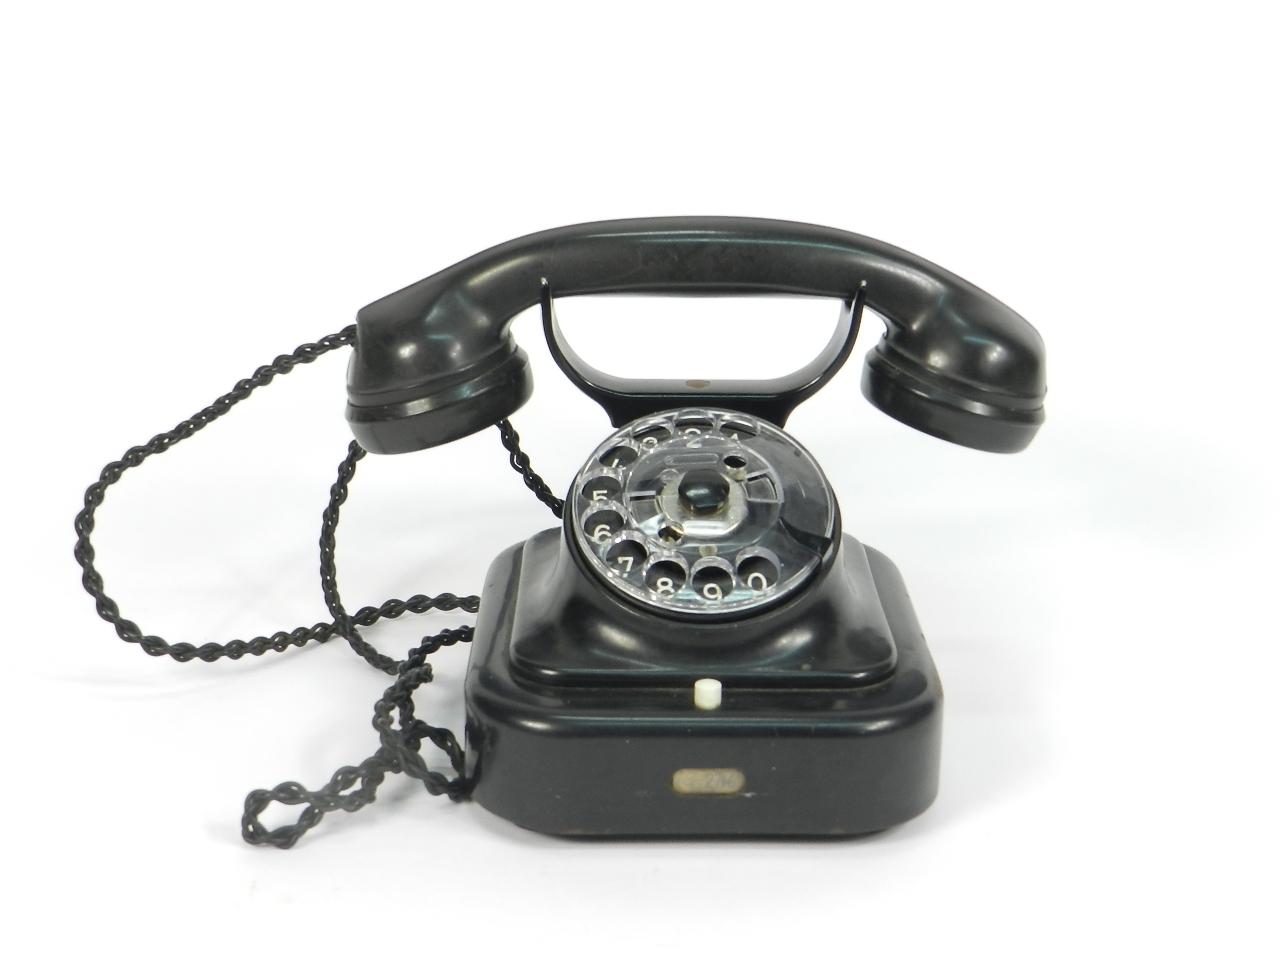 Imagen TELEFONO BAQUELITA AÑO 1950 41502